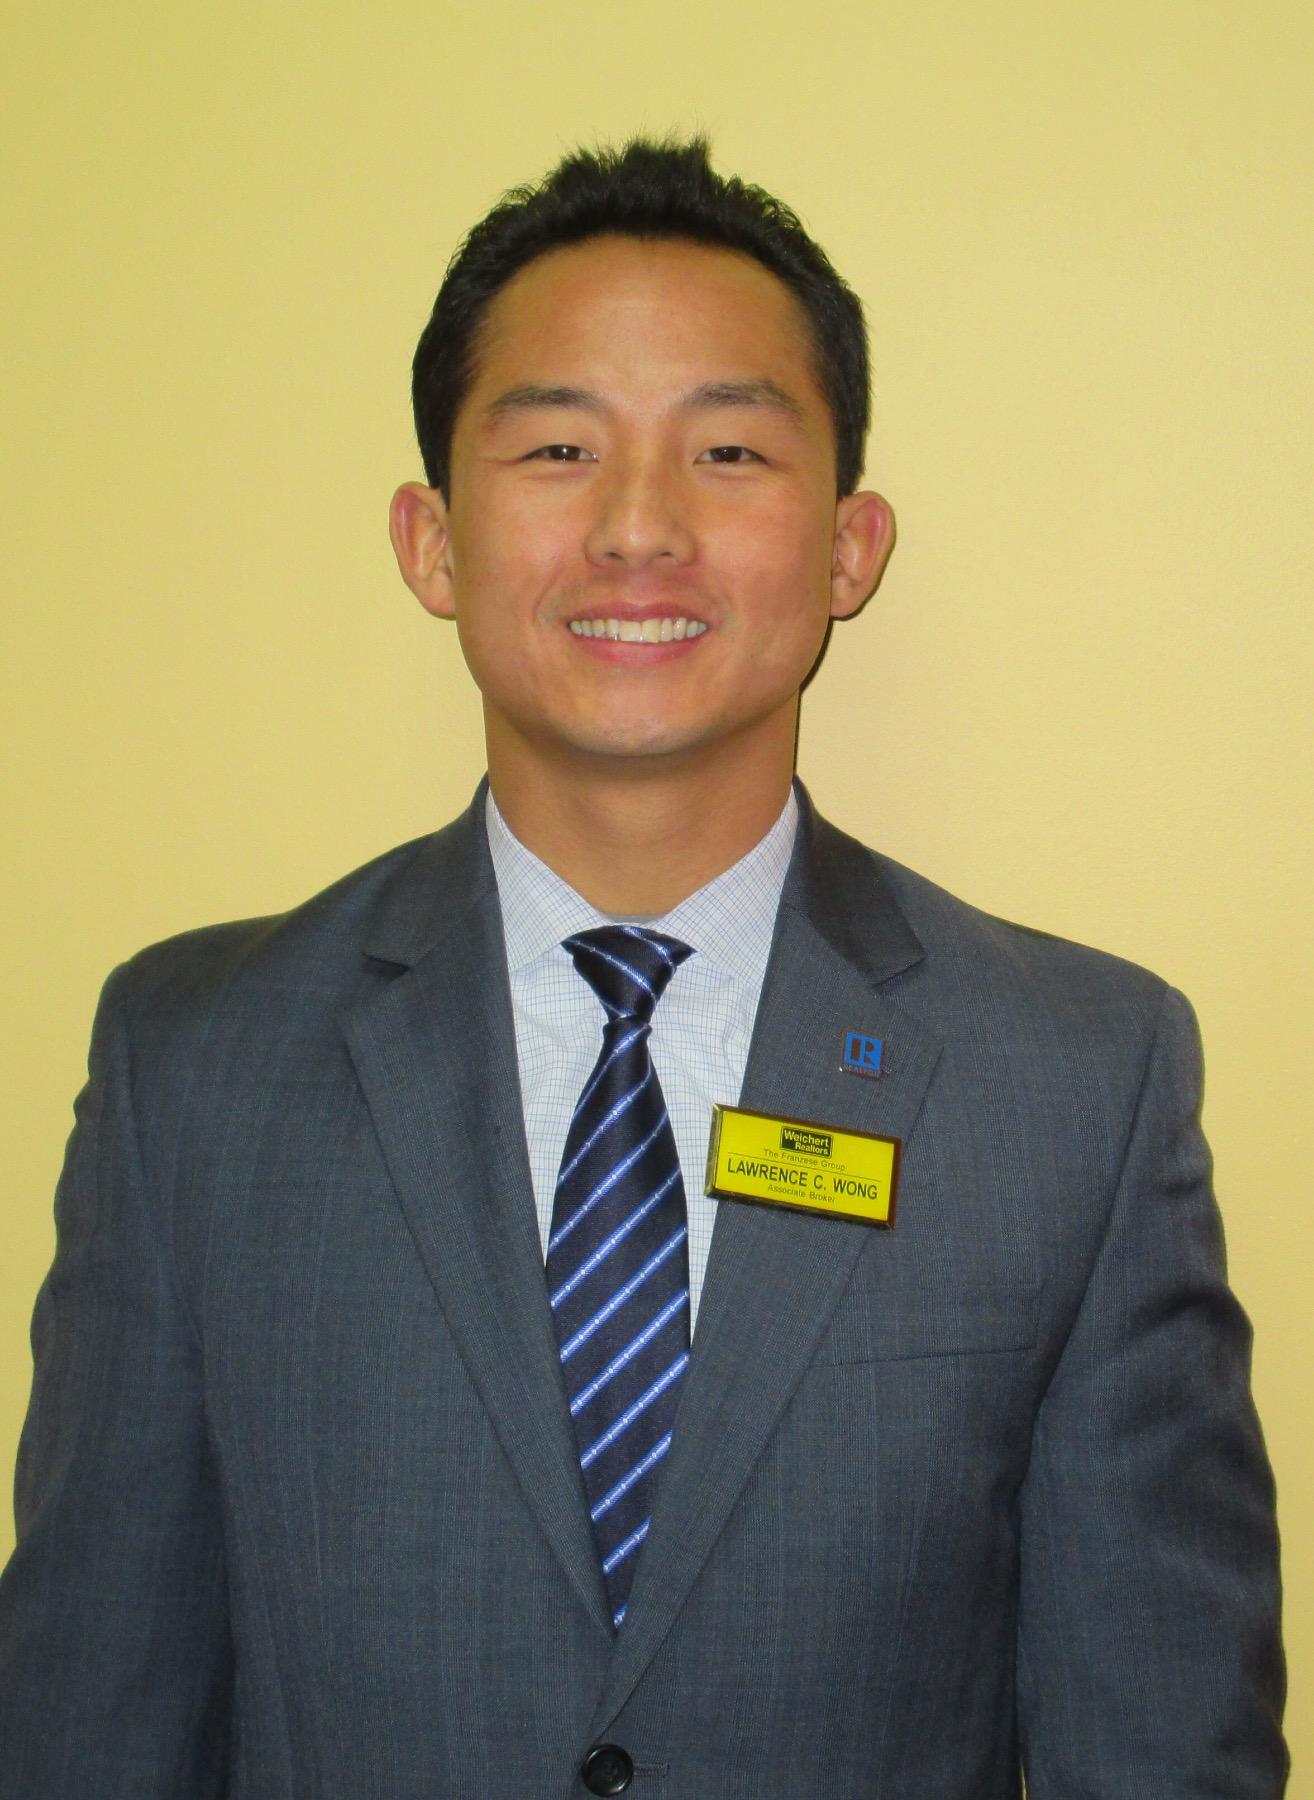 Lawrence Wong profile image